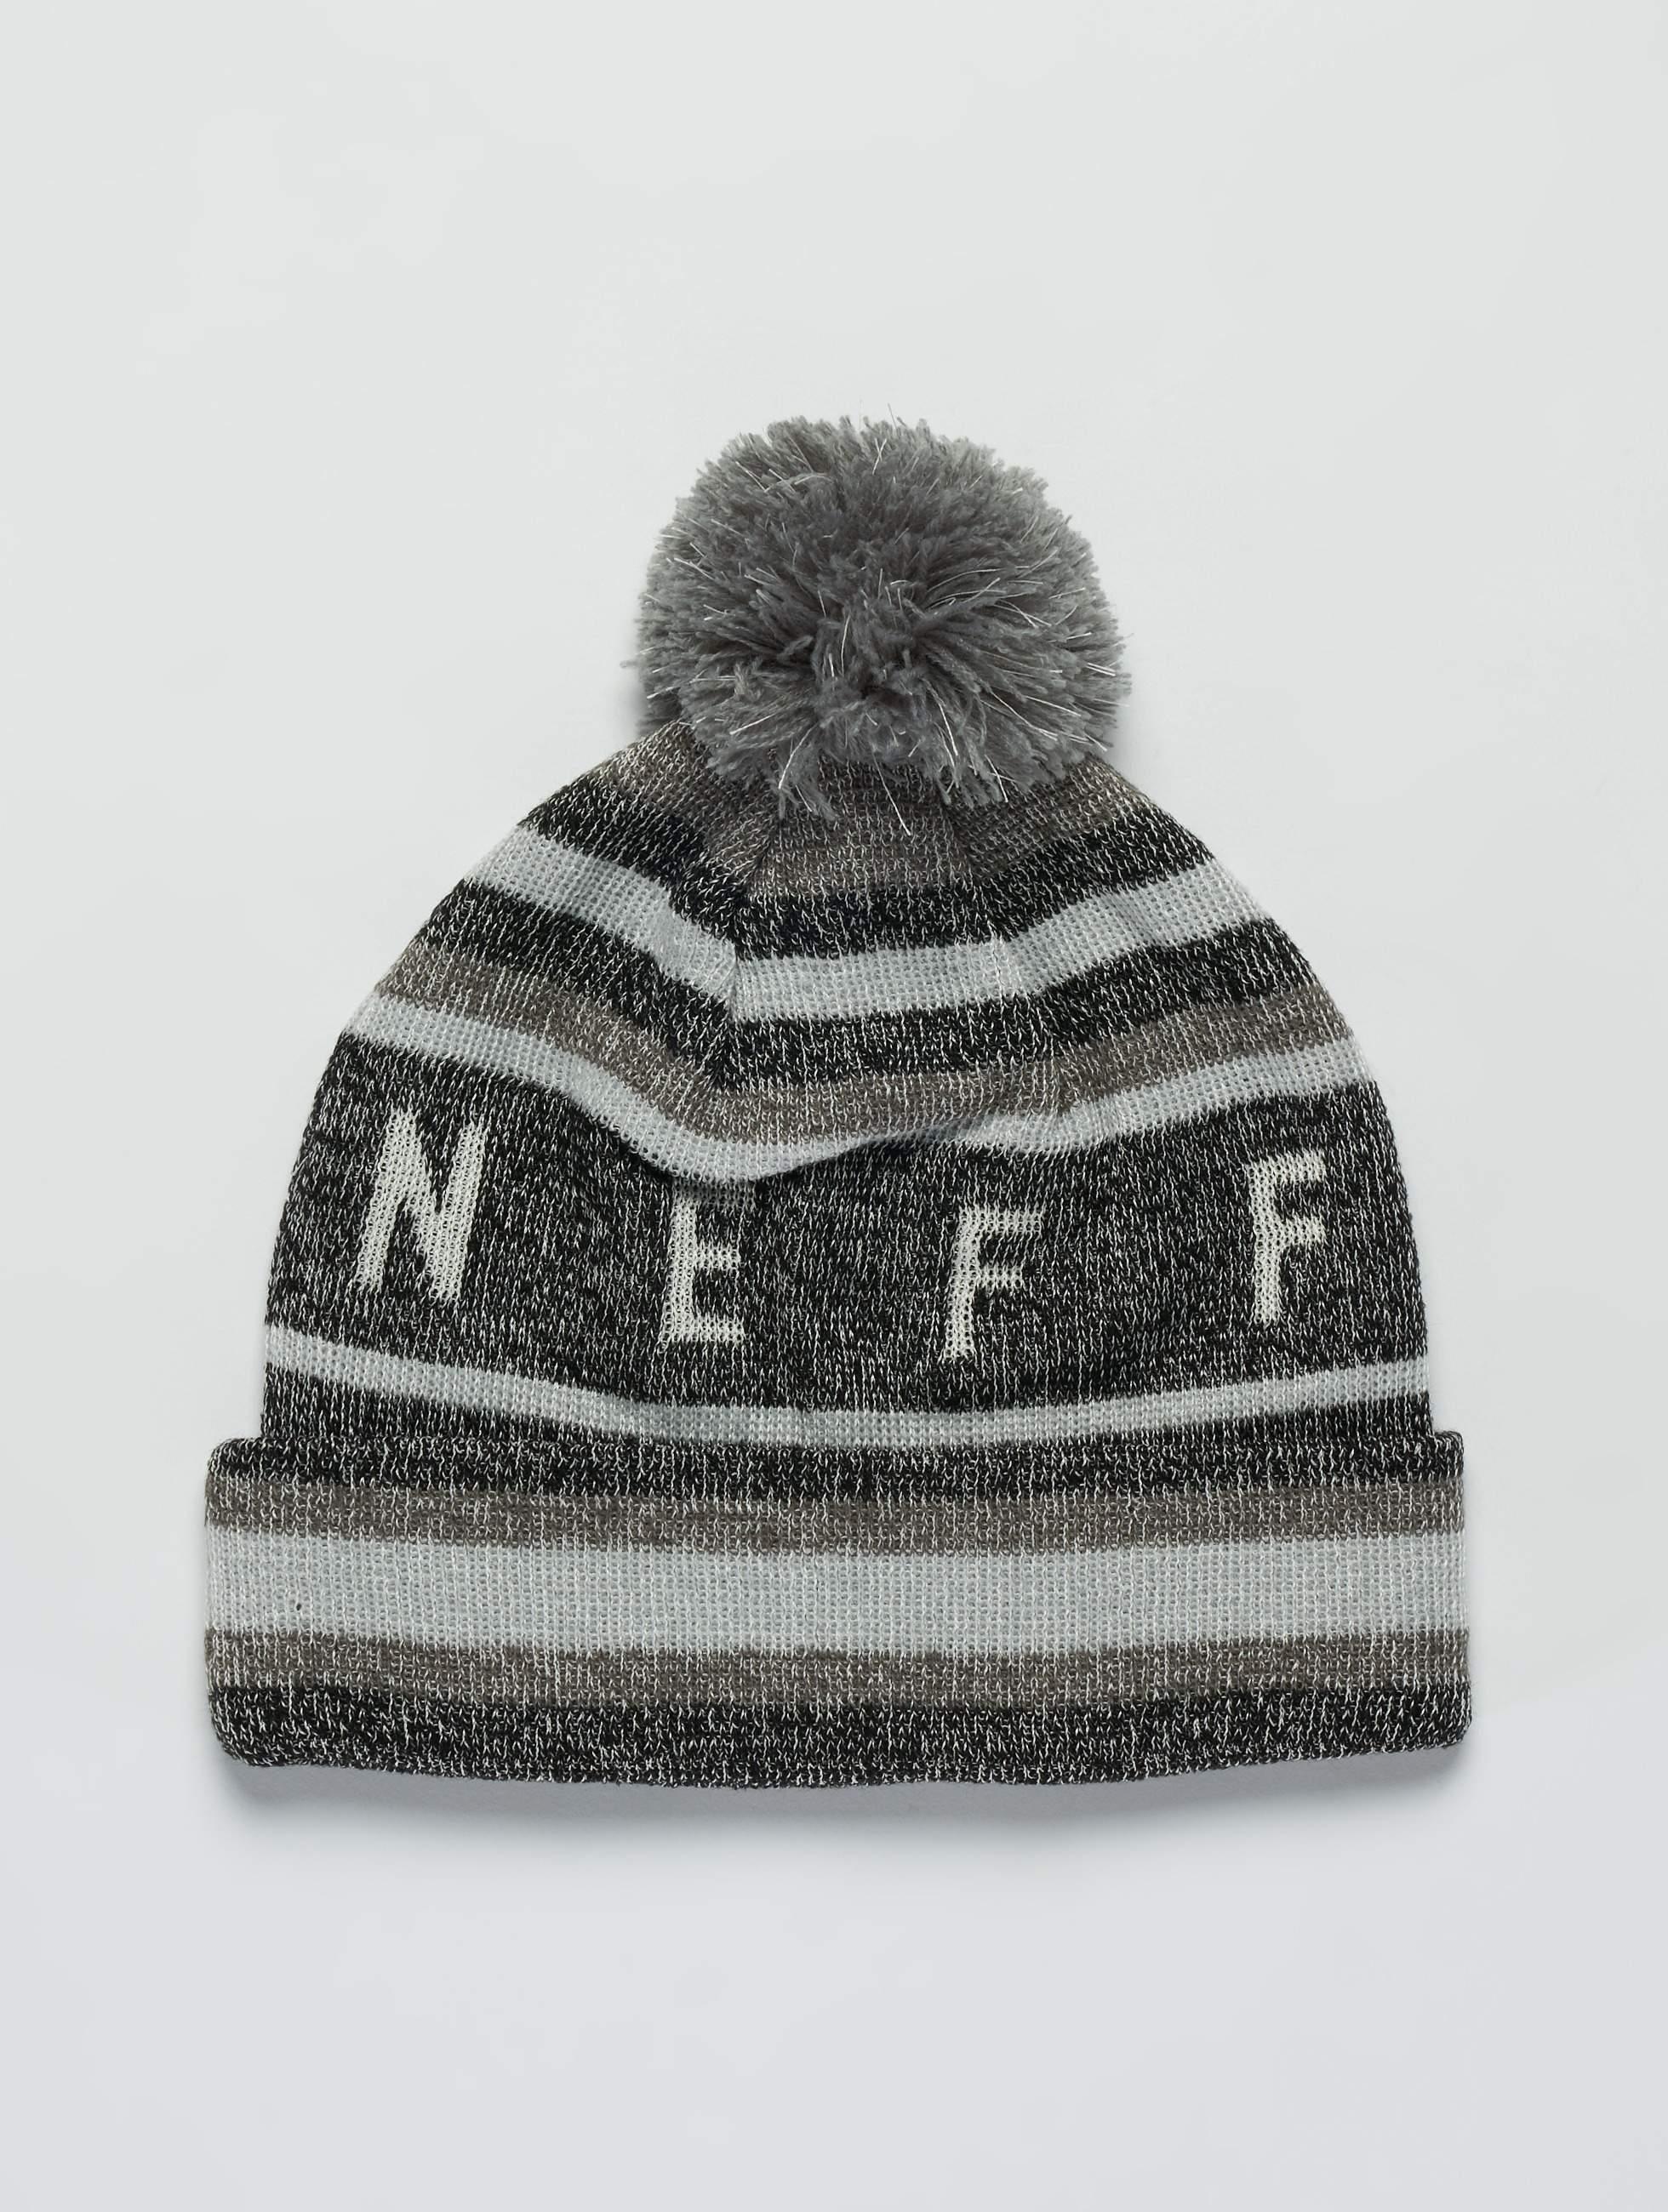 NEFF   Nightly Tailgate noir Homme,Femme Bonnet hiver